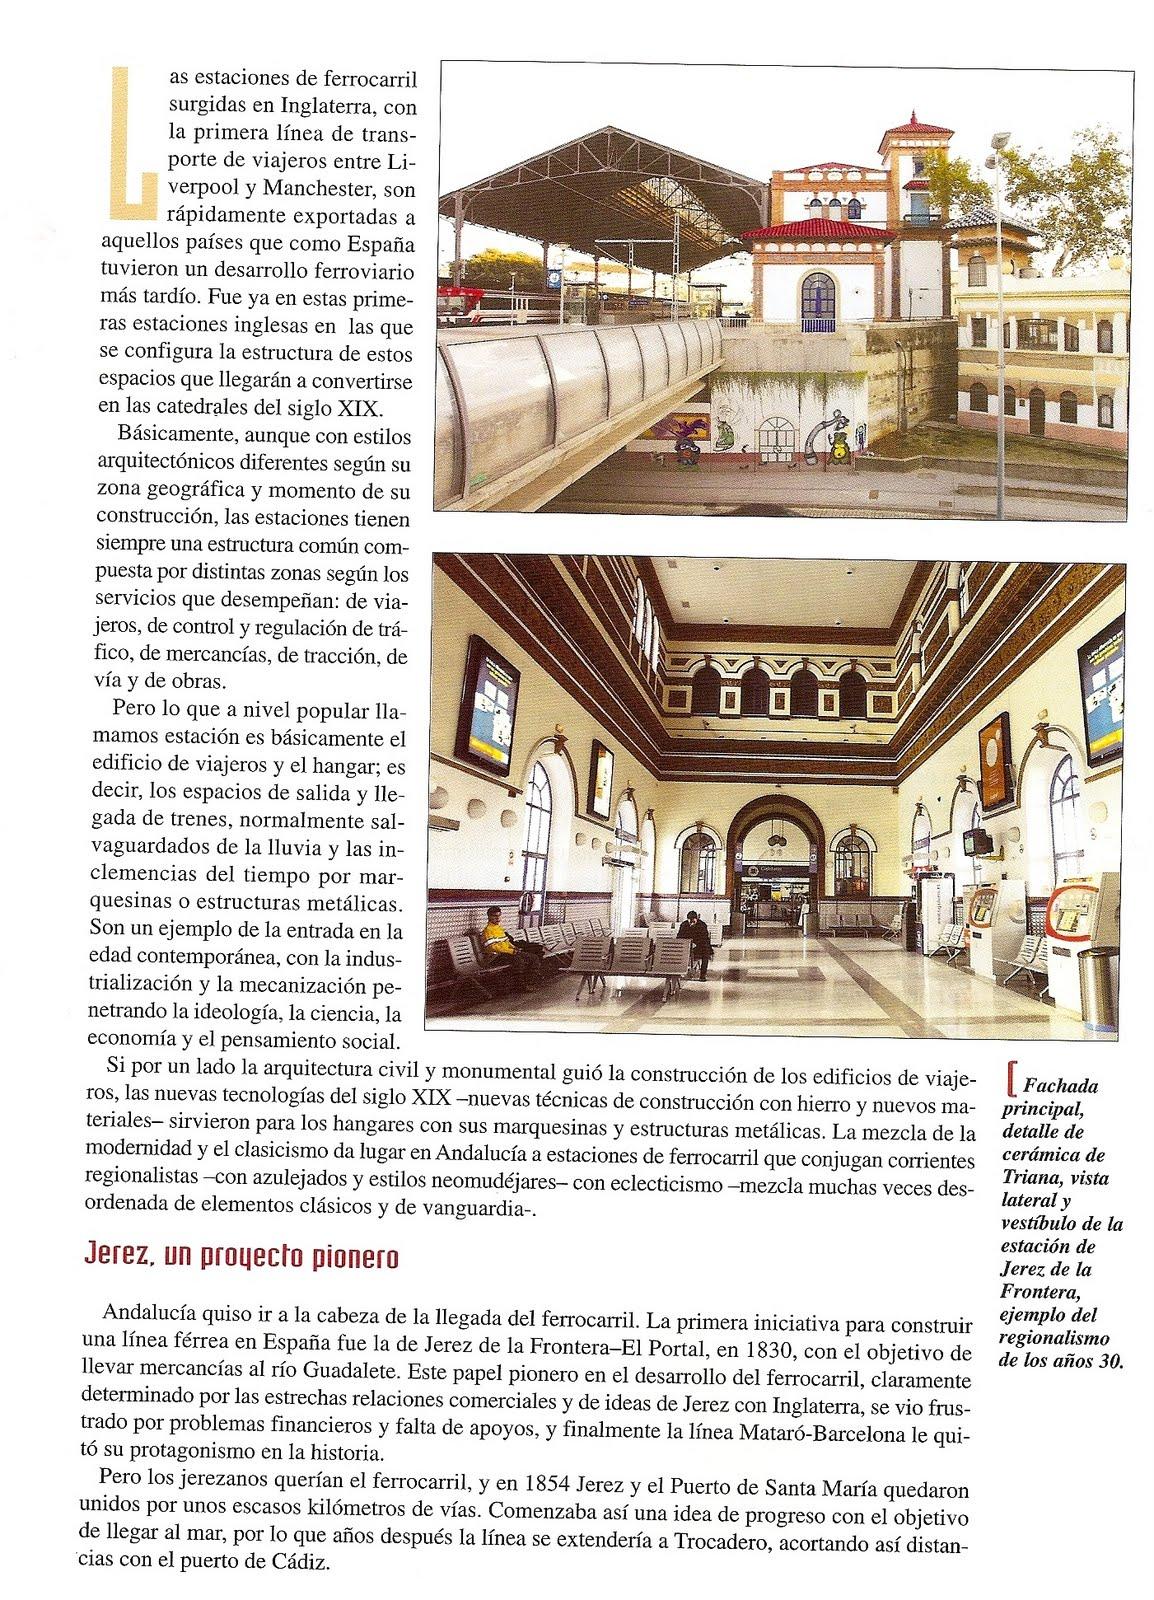 Club ferroviario jerezano historias de estaciones y ferrocarril - Estacion de tren puerto de santa maria ...